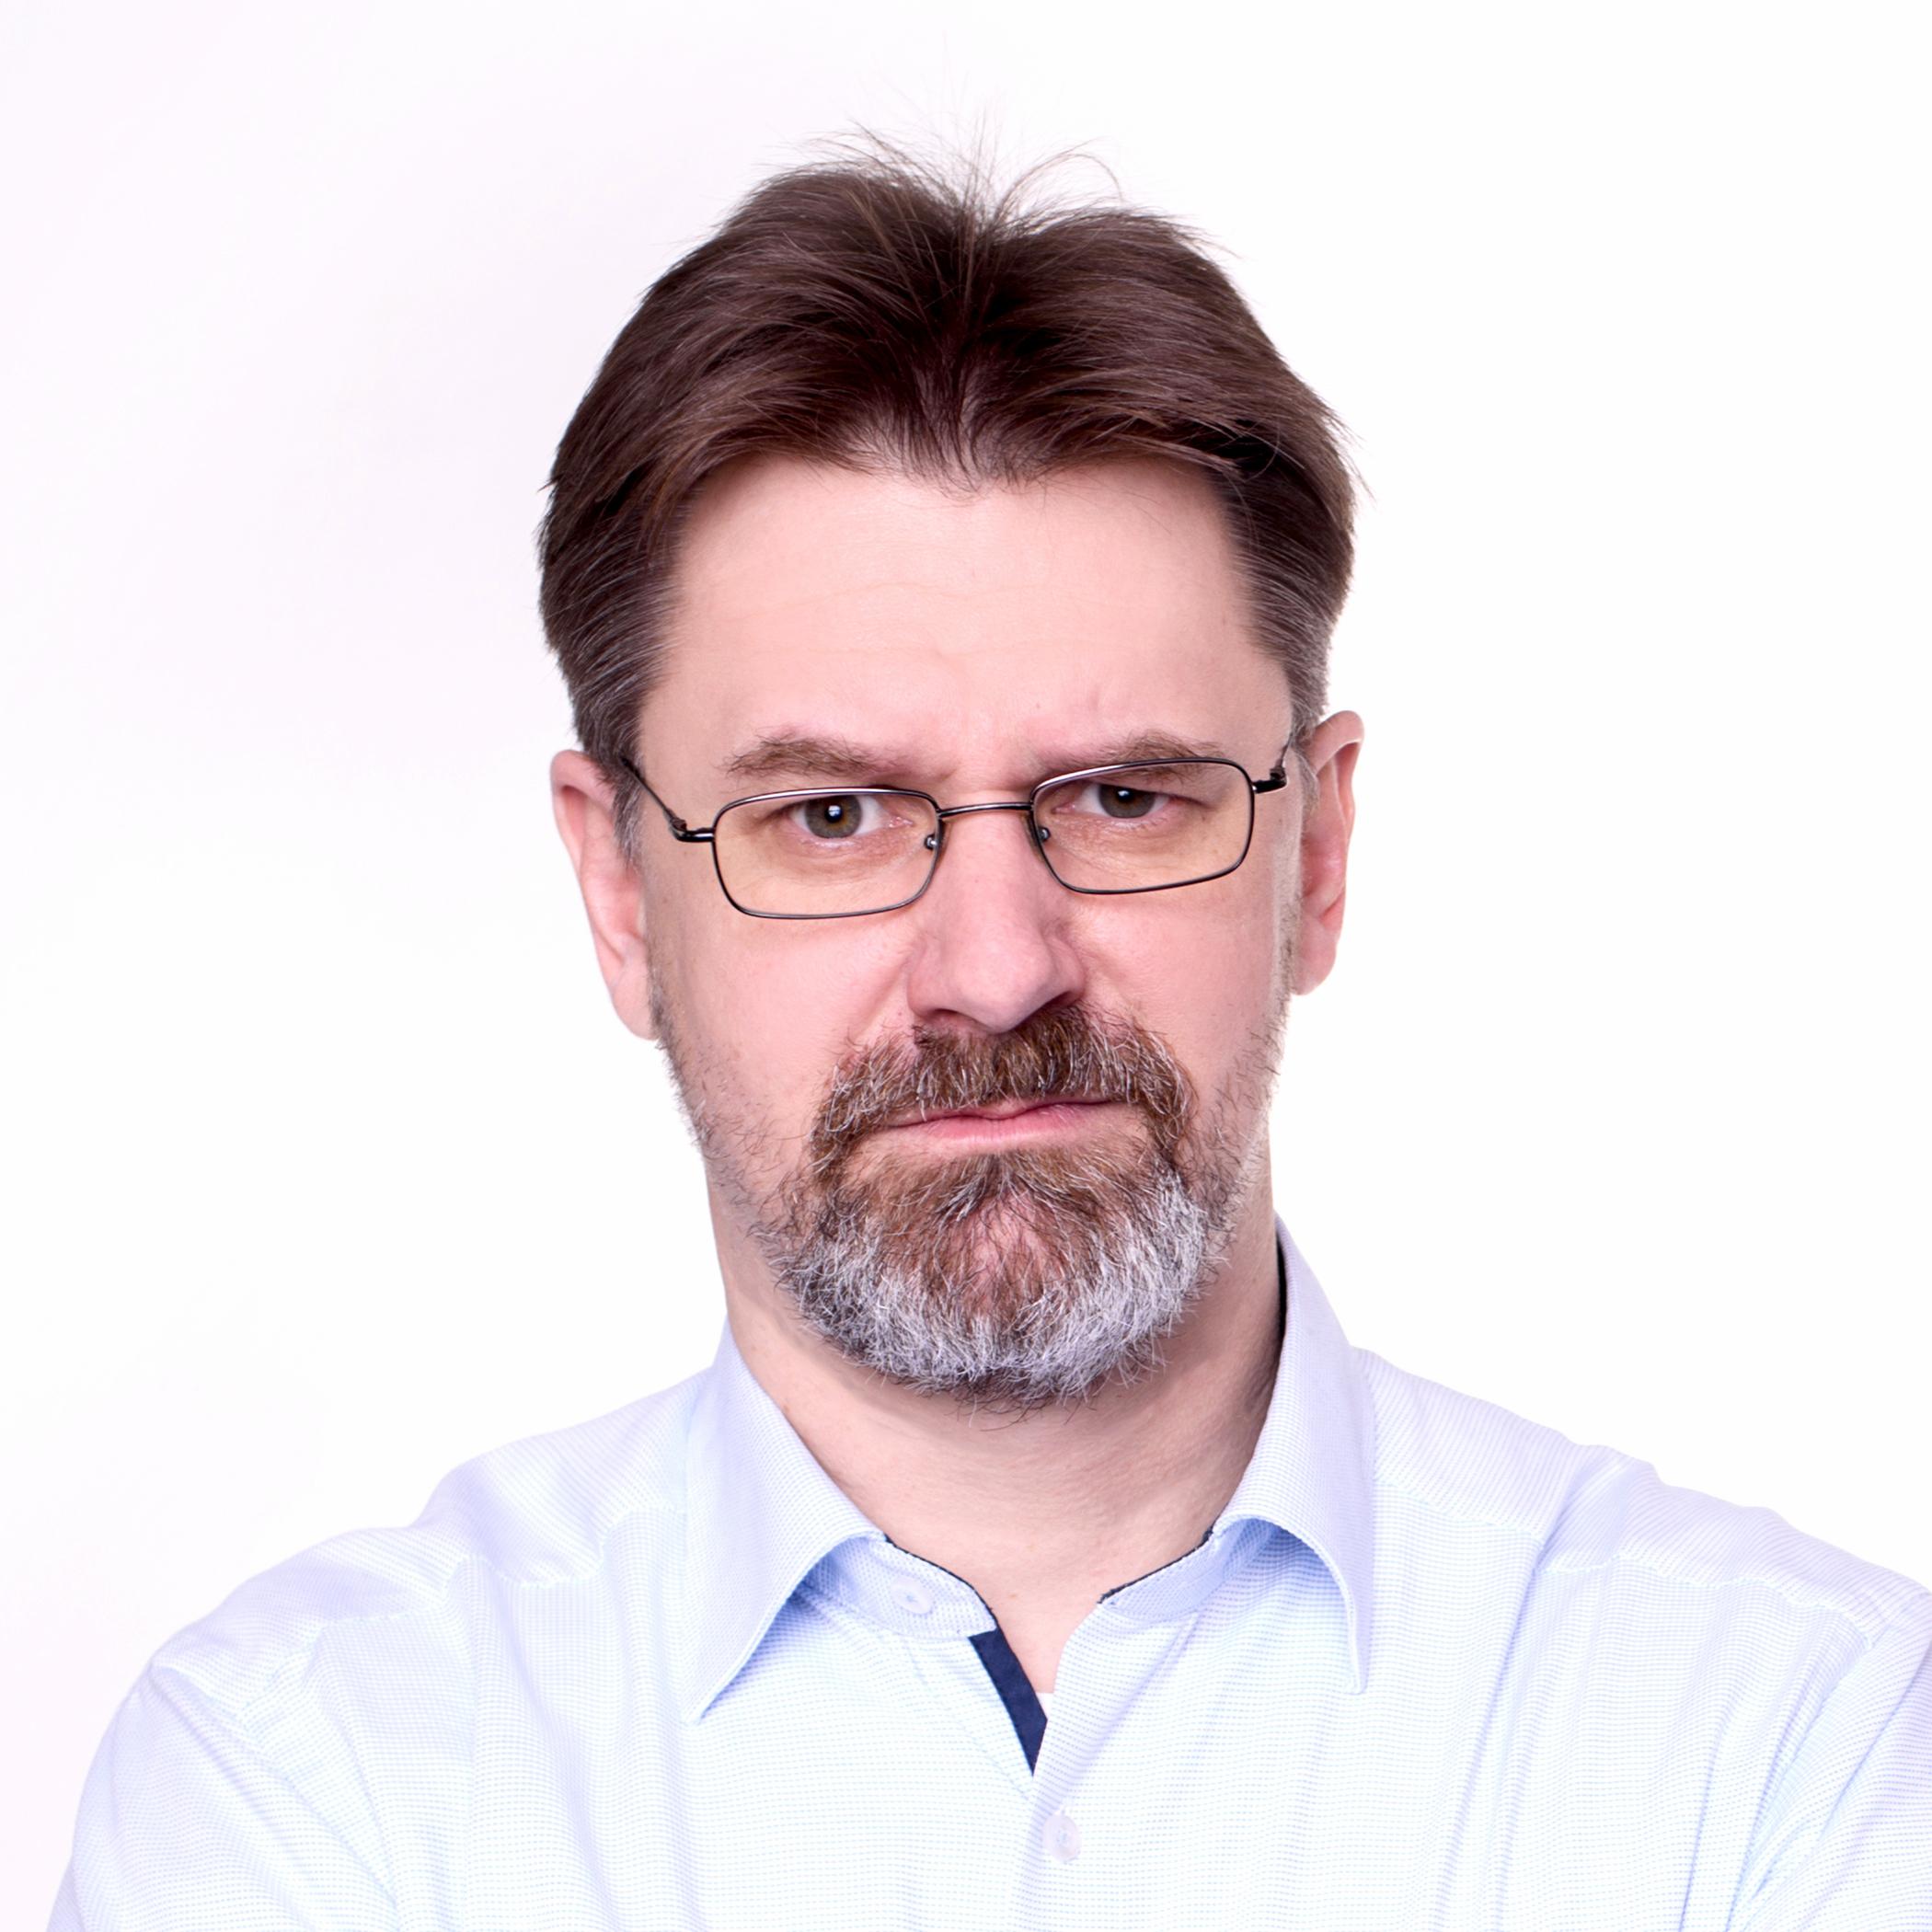 Pavel Minář